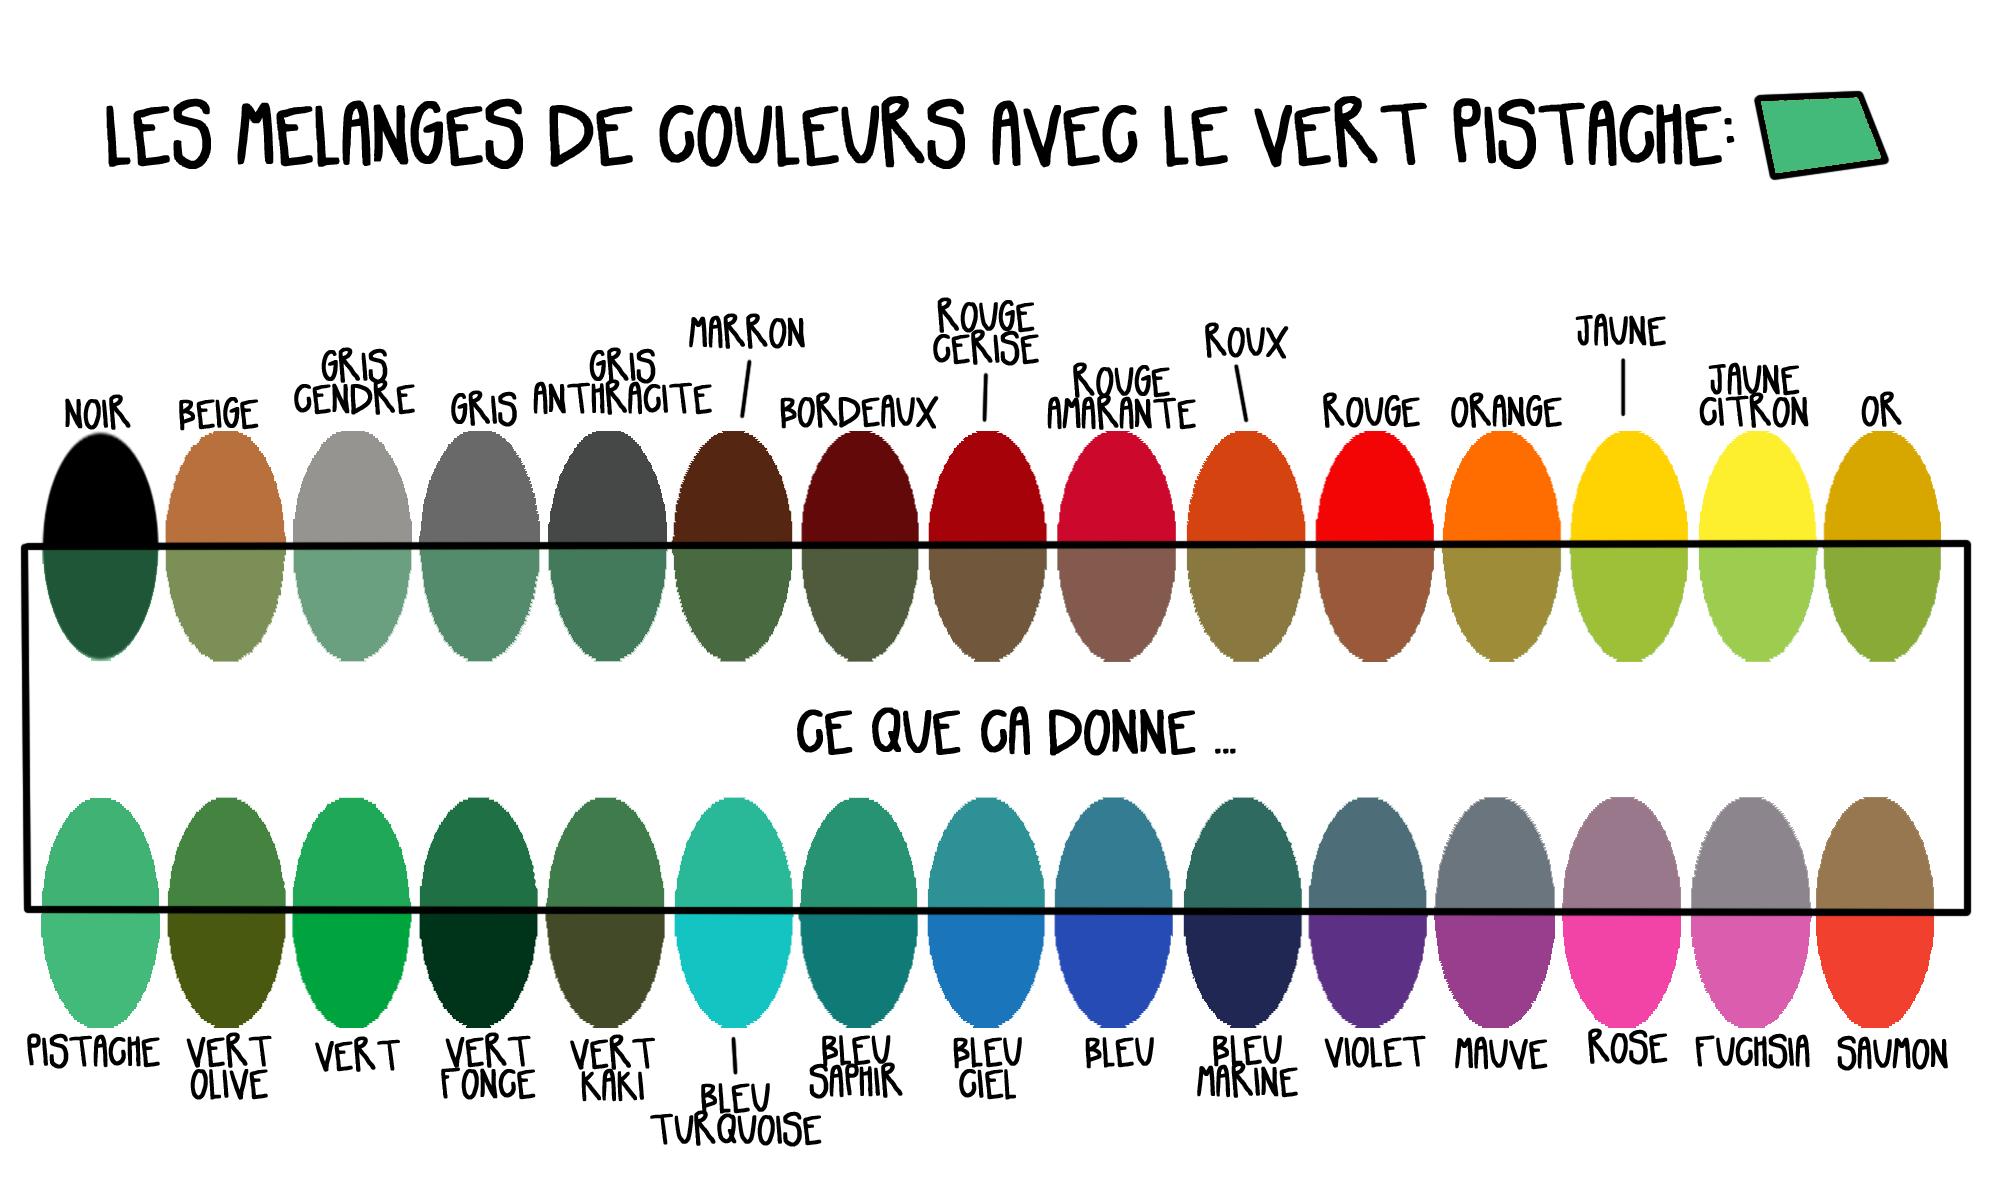 Mixer les couleurs — COMMENT TEINDRE ? | Teinture tissu, Vert kaki, Bleu violet